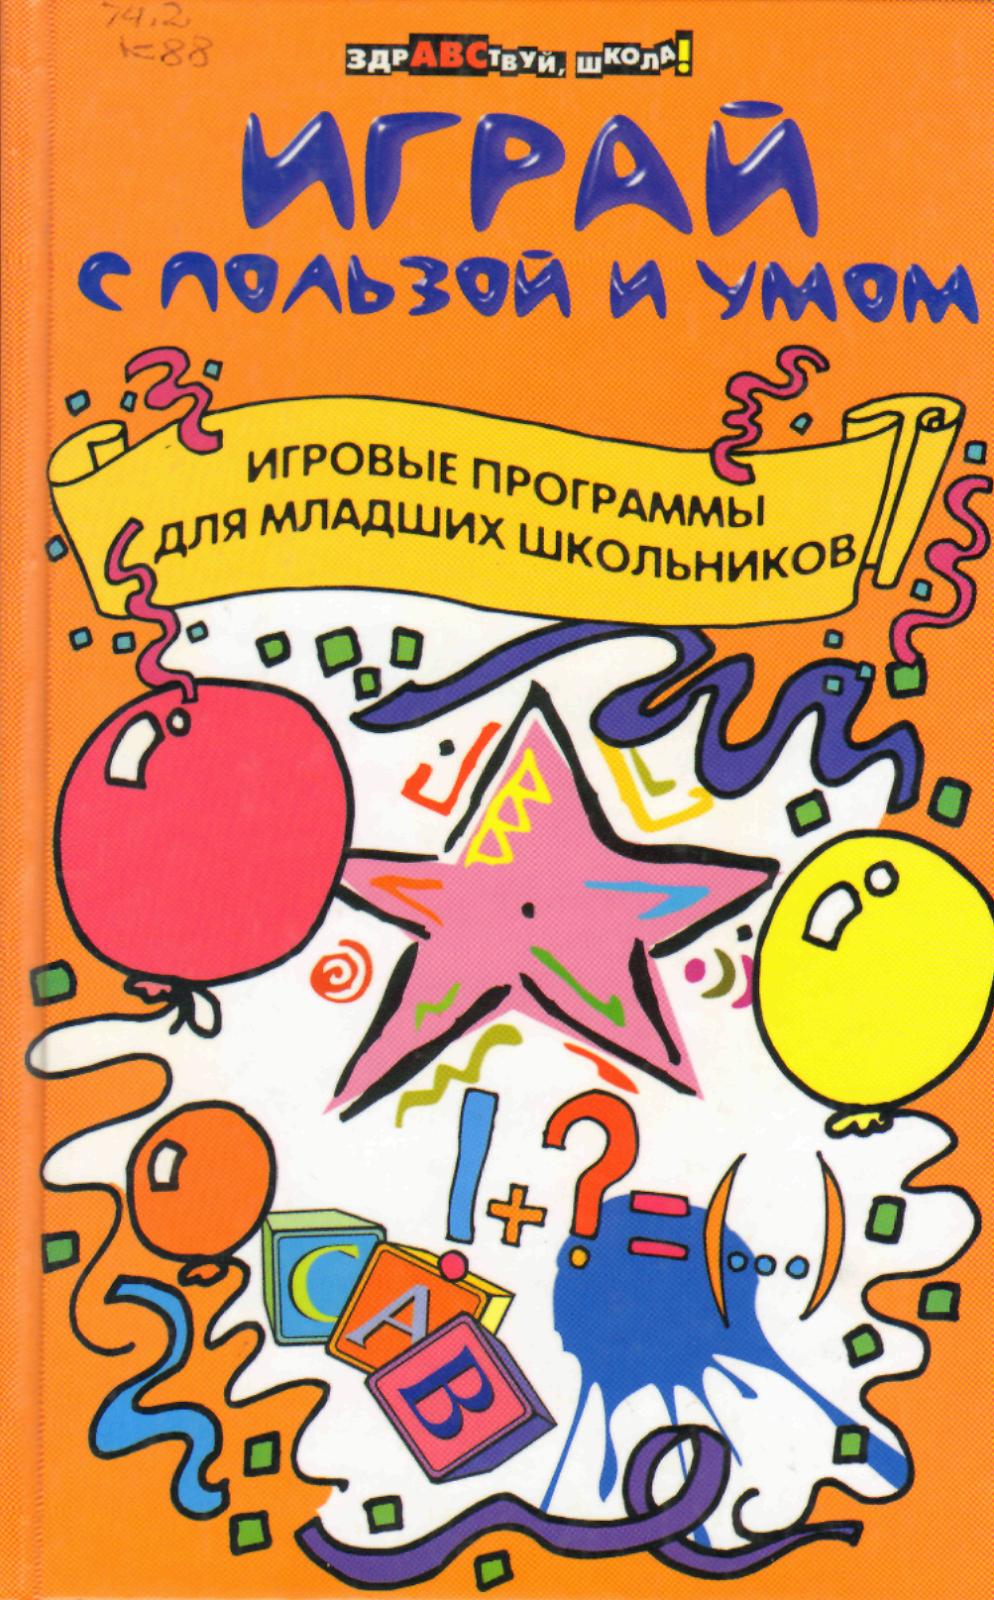 Сценарий игровой программы для младшего школьного возраста